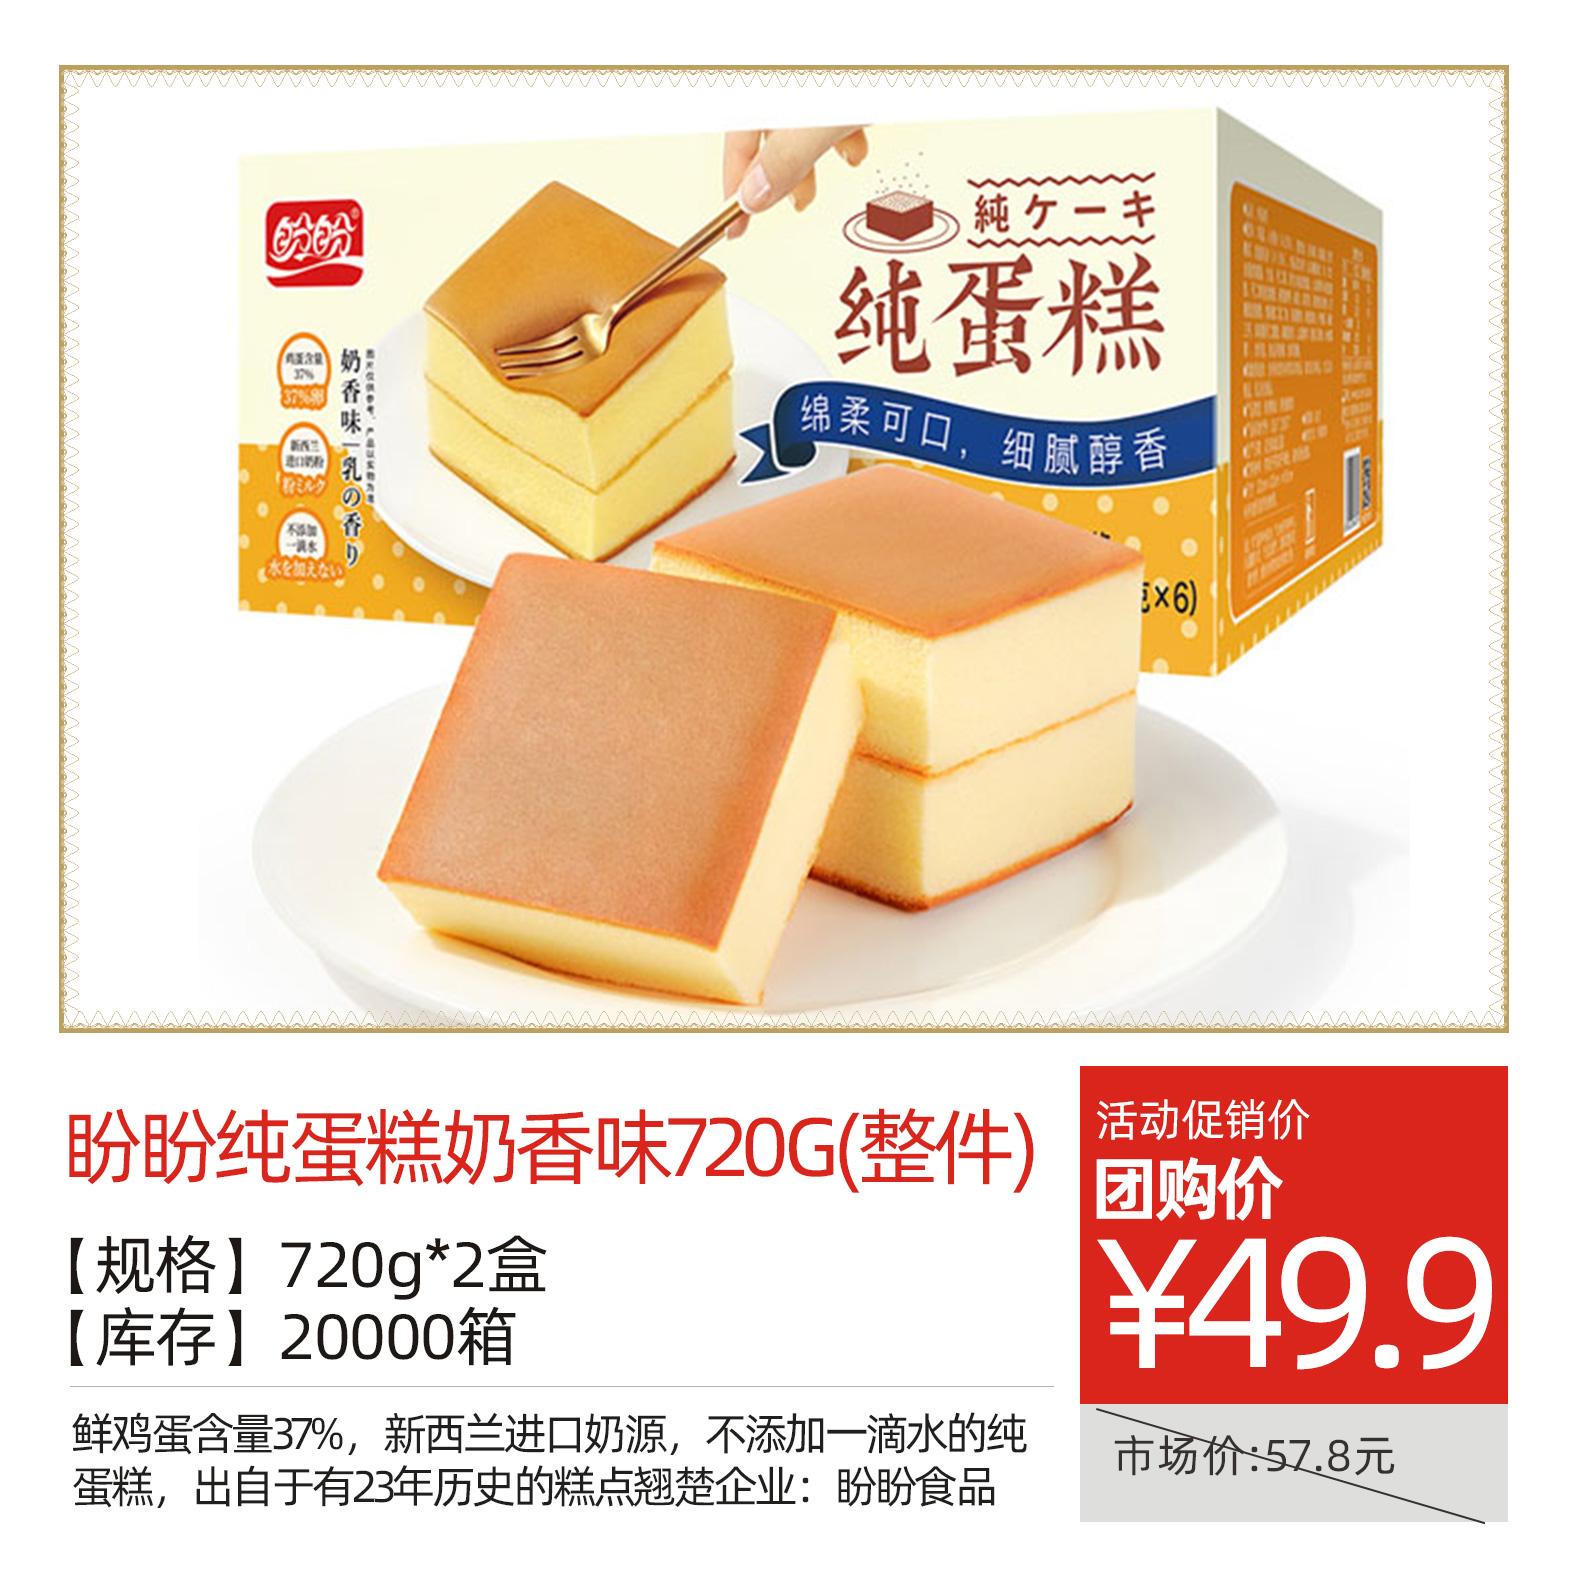 【盼盼】纯蛋糕奶香味720g(整件)